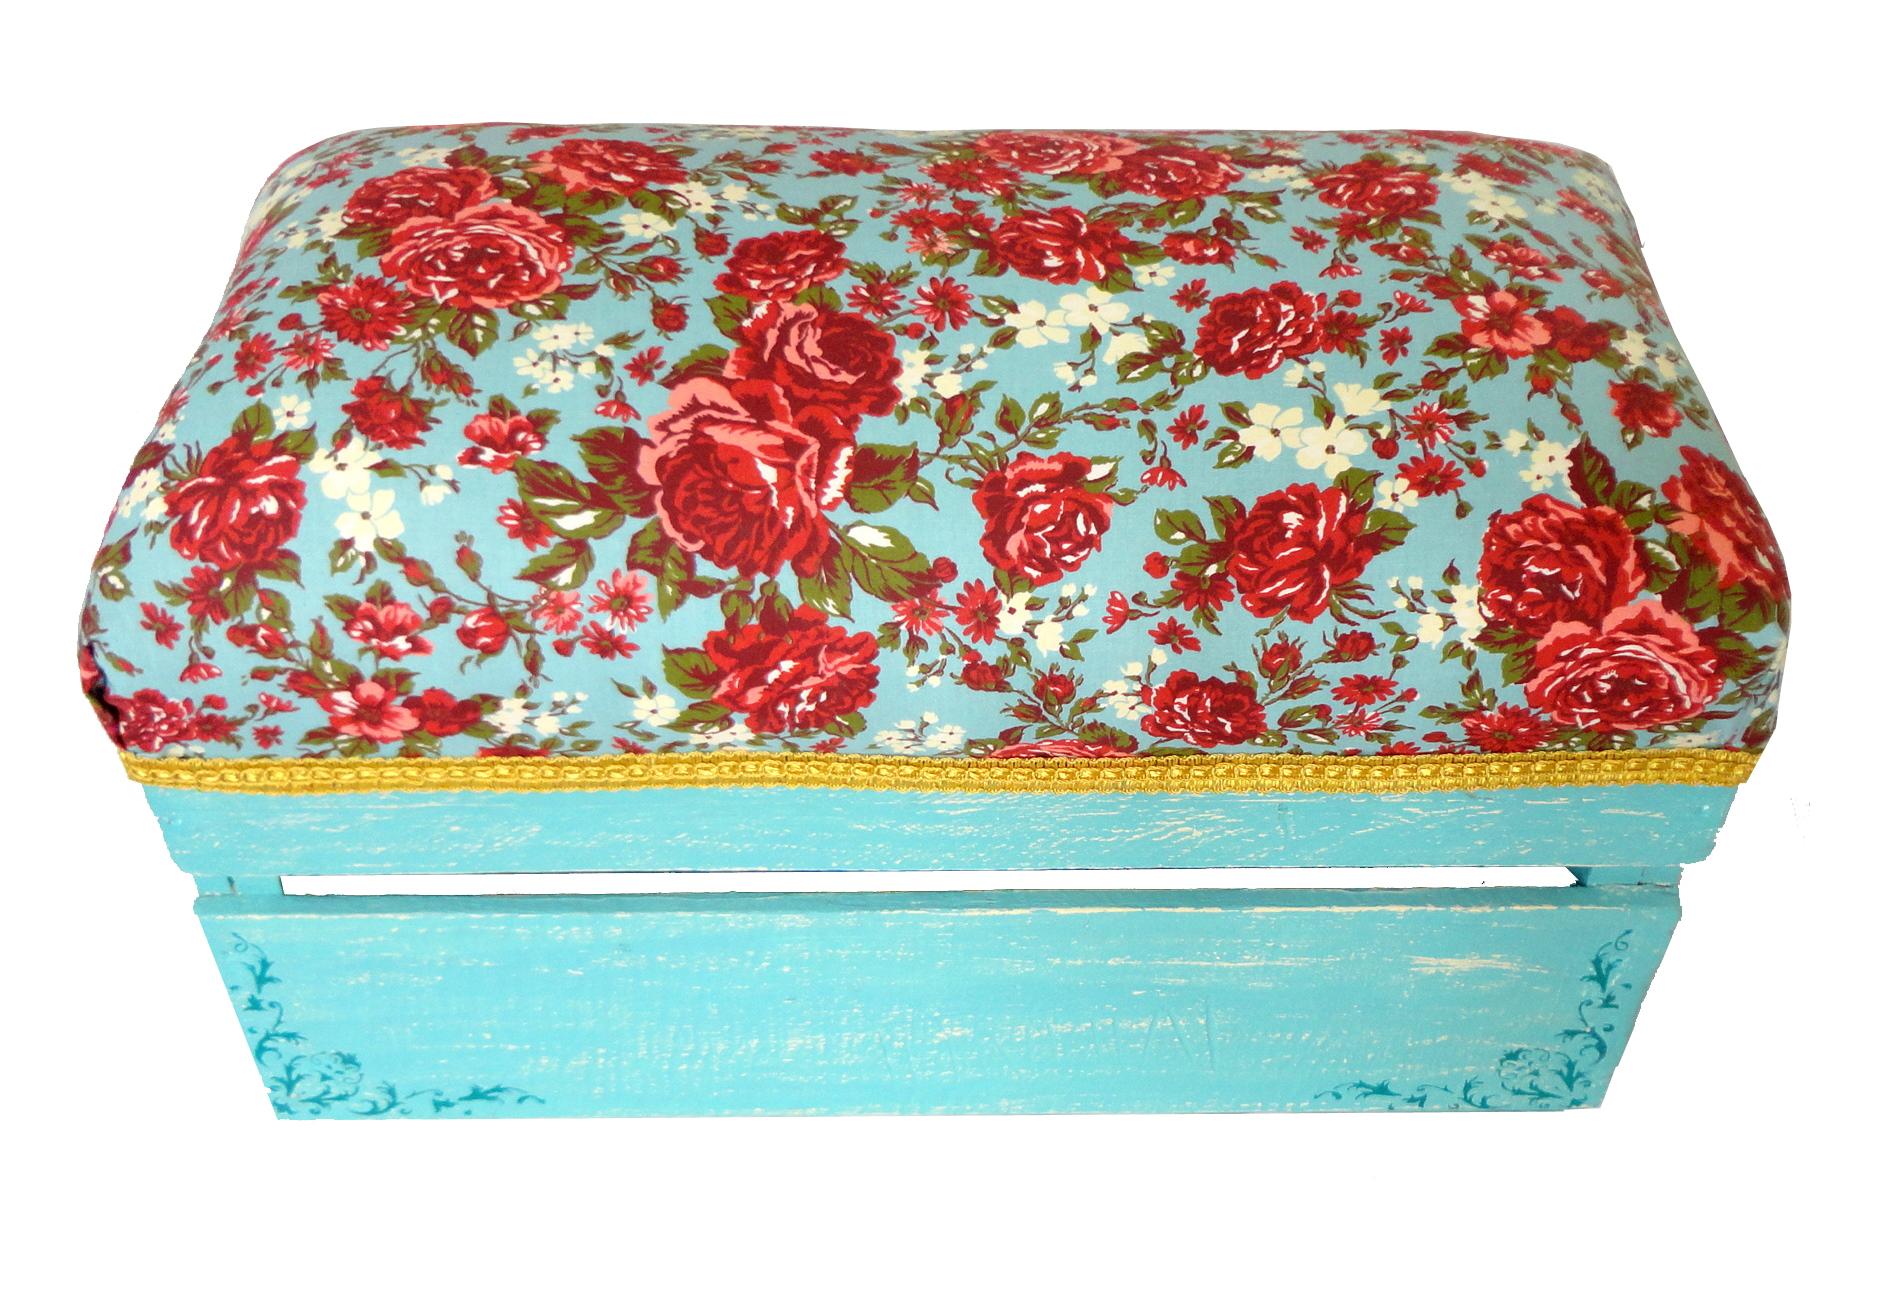 produtos pufes tags caixotes caixotes decorados caixotes na  #B18C1A 1879x1316